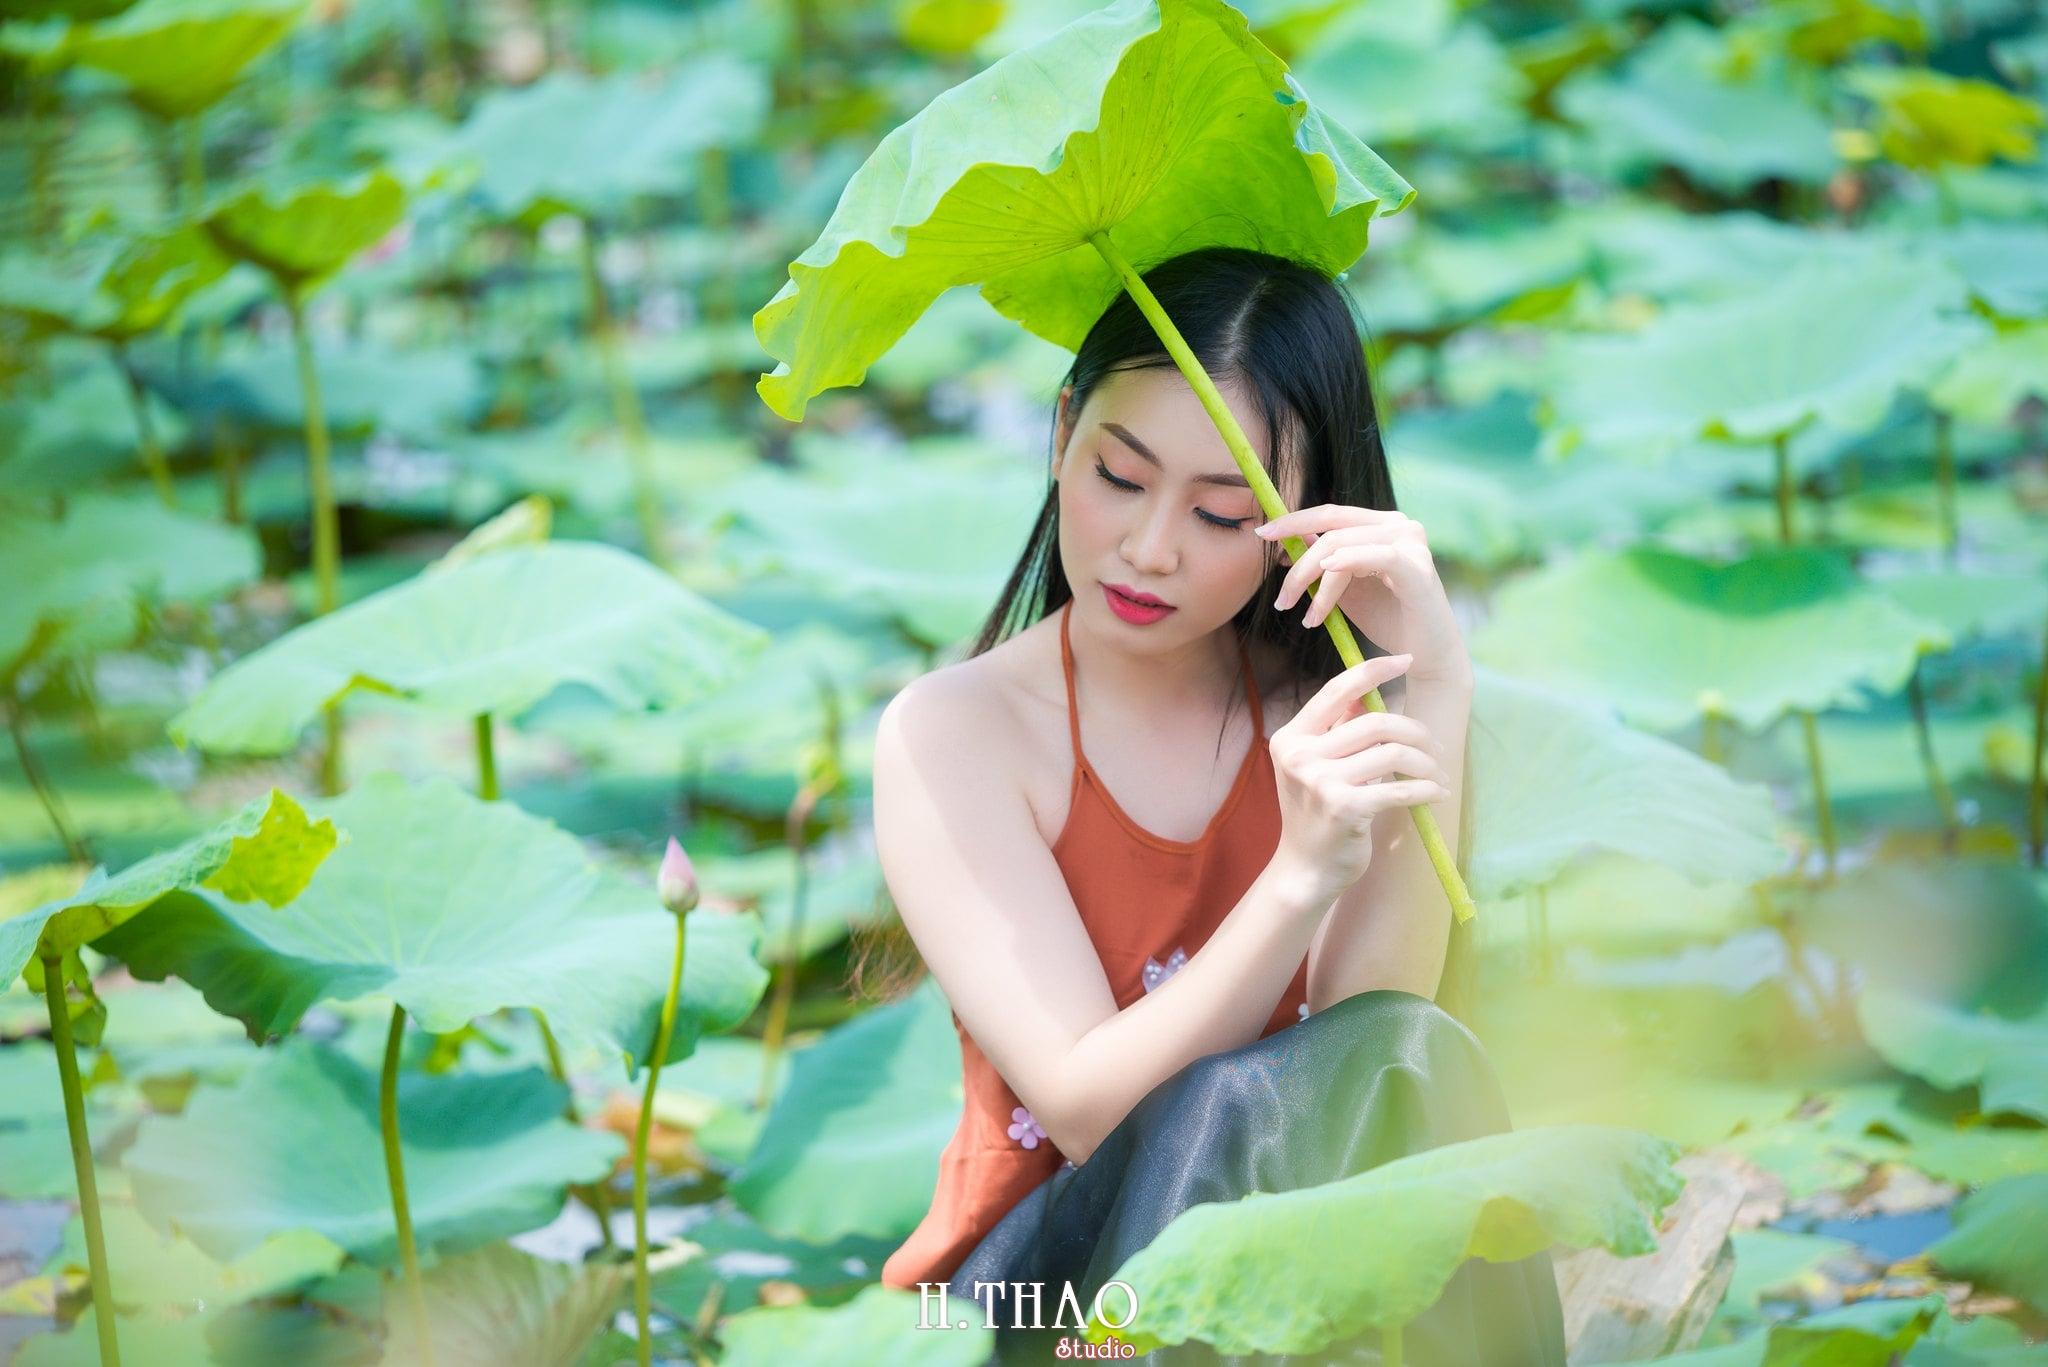 ao yem hoa sen 14 - Album ảnh chụp áo yếm với hoa sen đẹp dịu dàng - HThao Studio